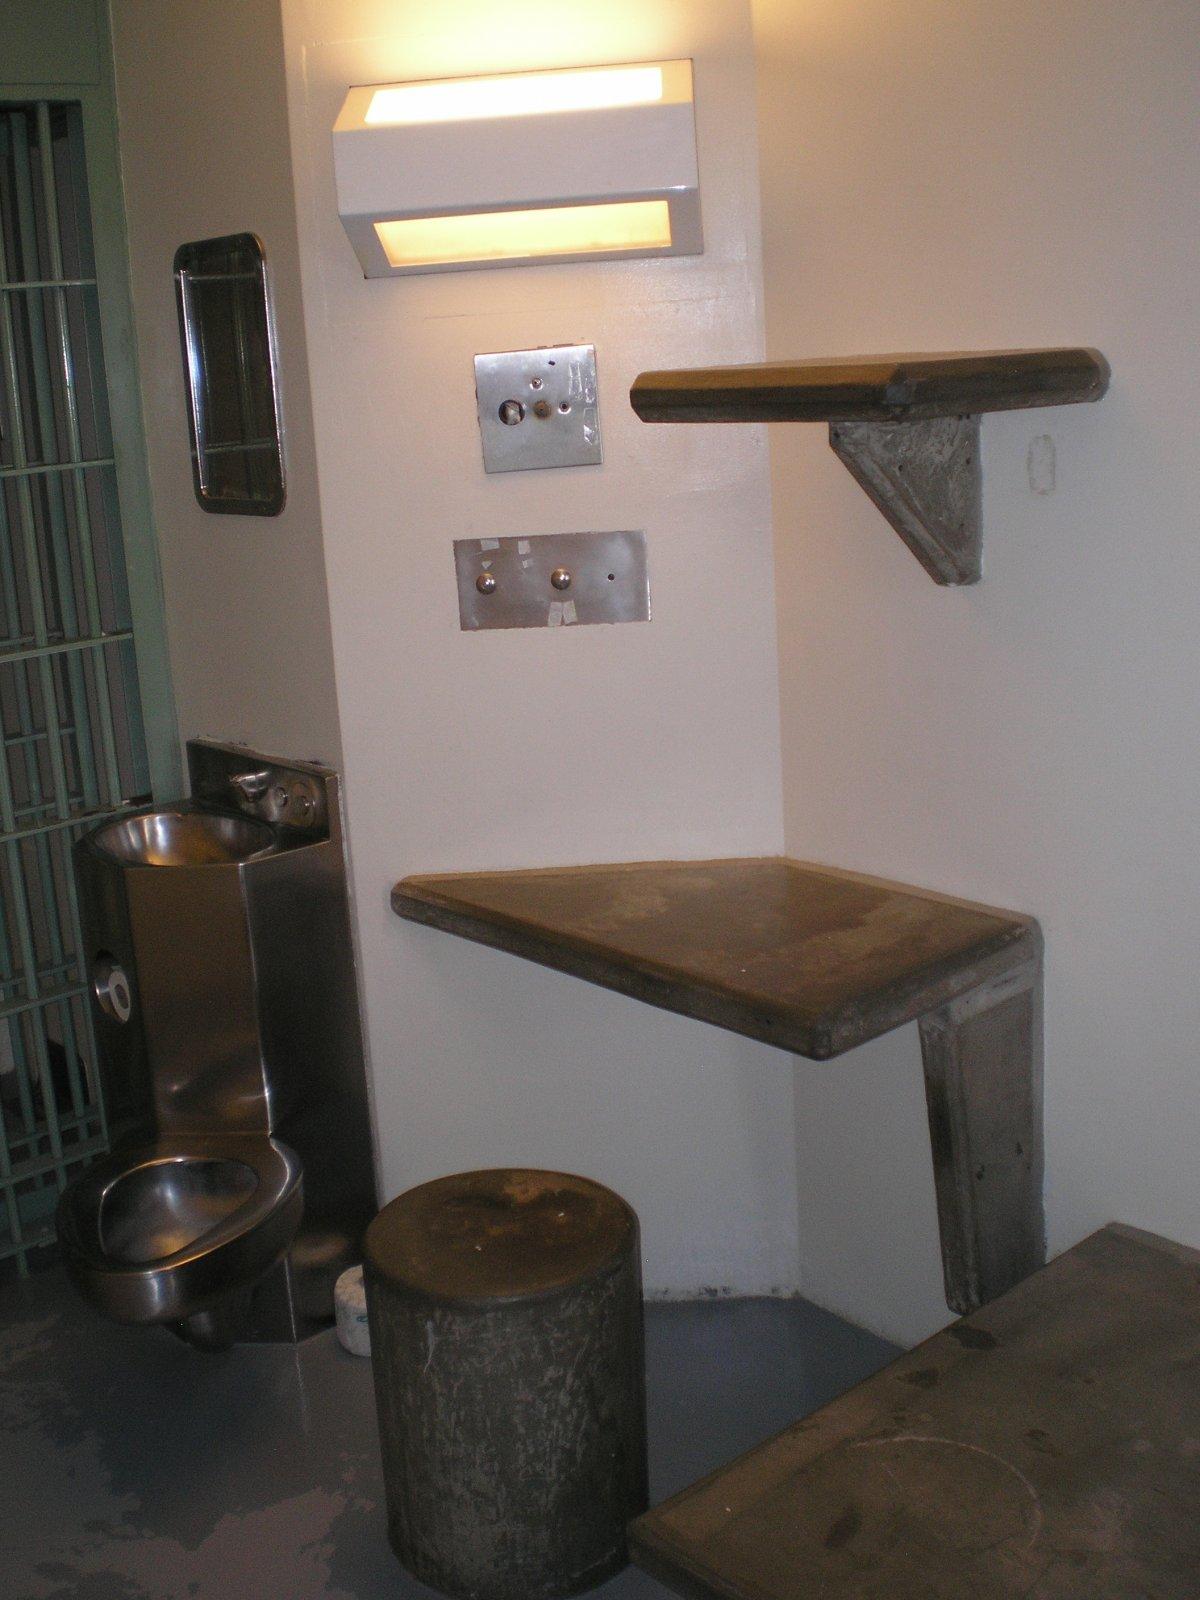 Другой угол камеры. Заключенные редко видят друг друга и напрямую общаются только со своим тюремщико